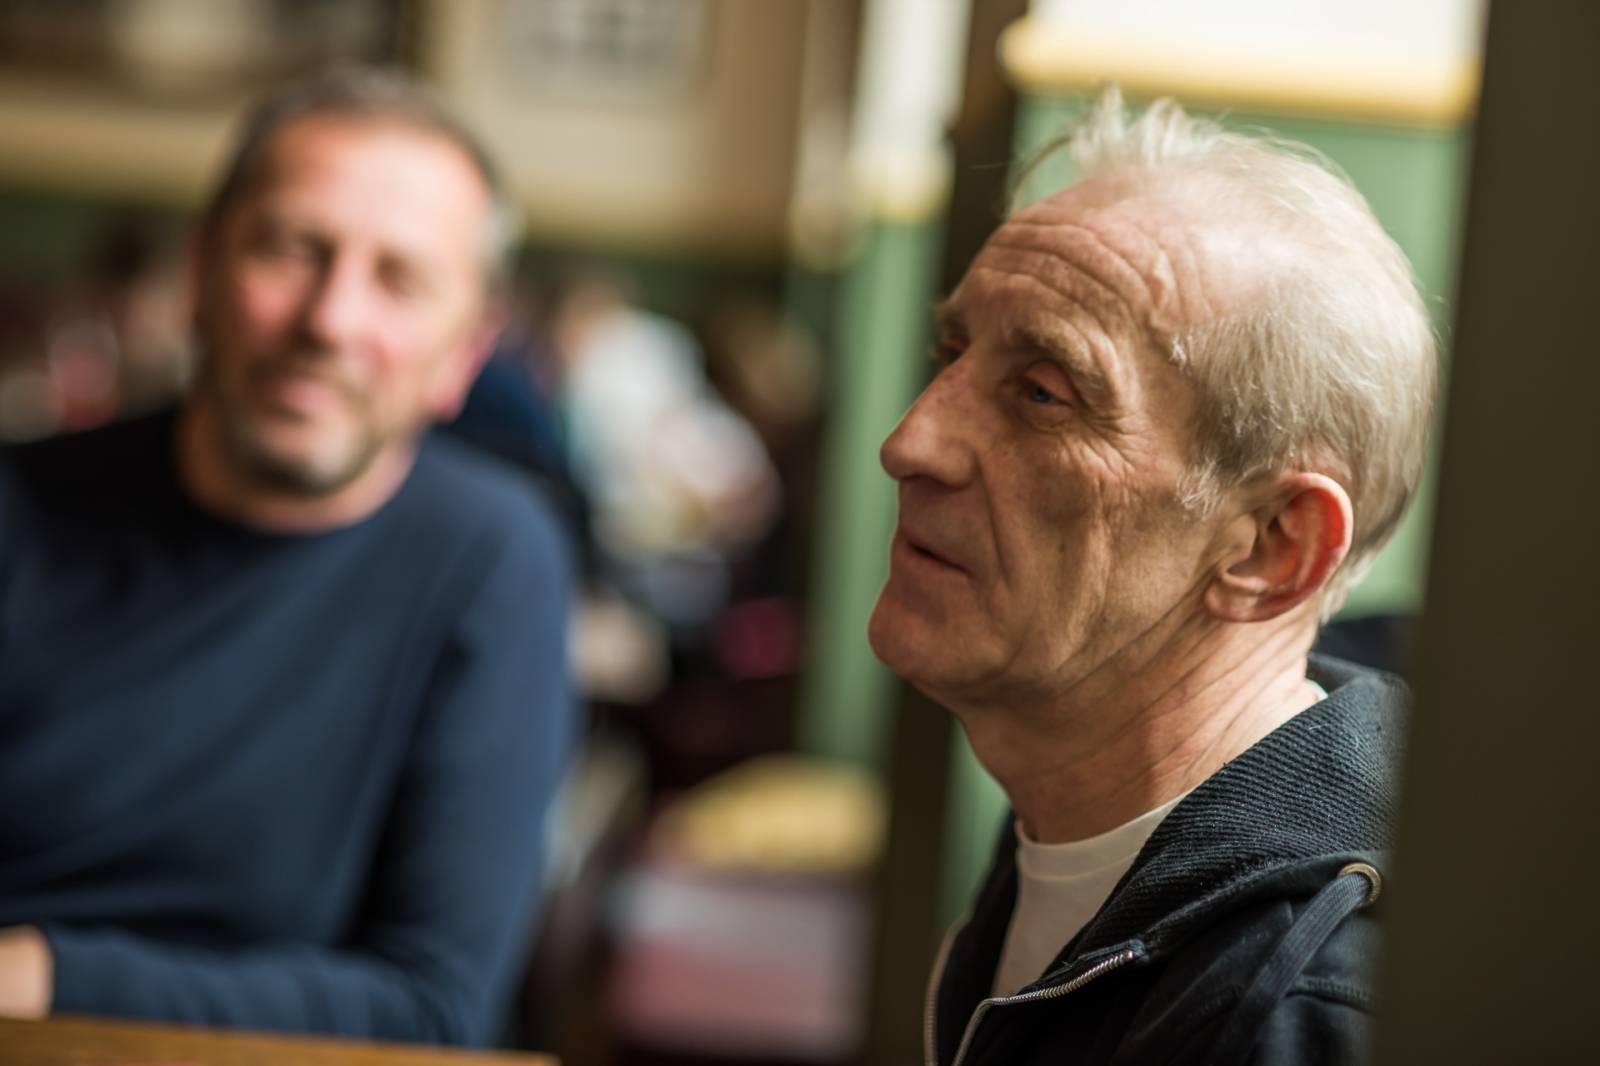 Čechomor interview: Letos se chceme pořádně nadechnout